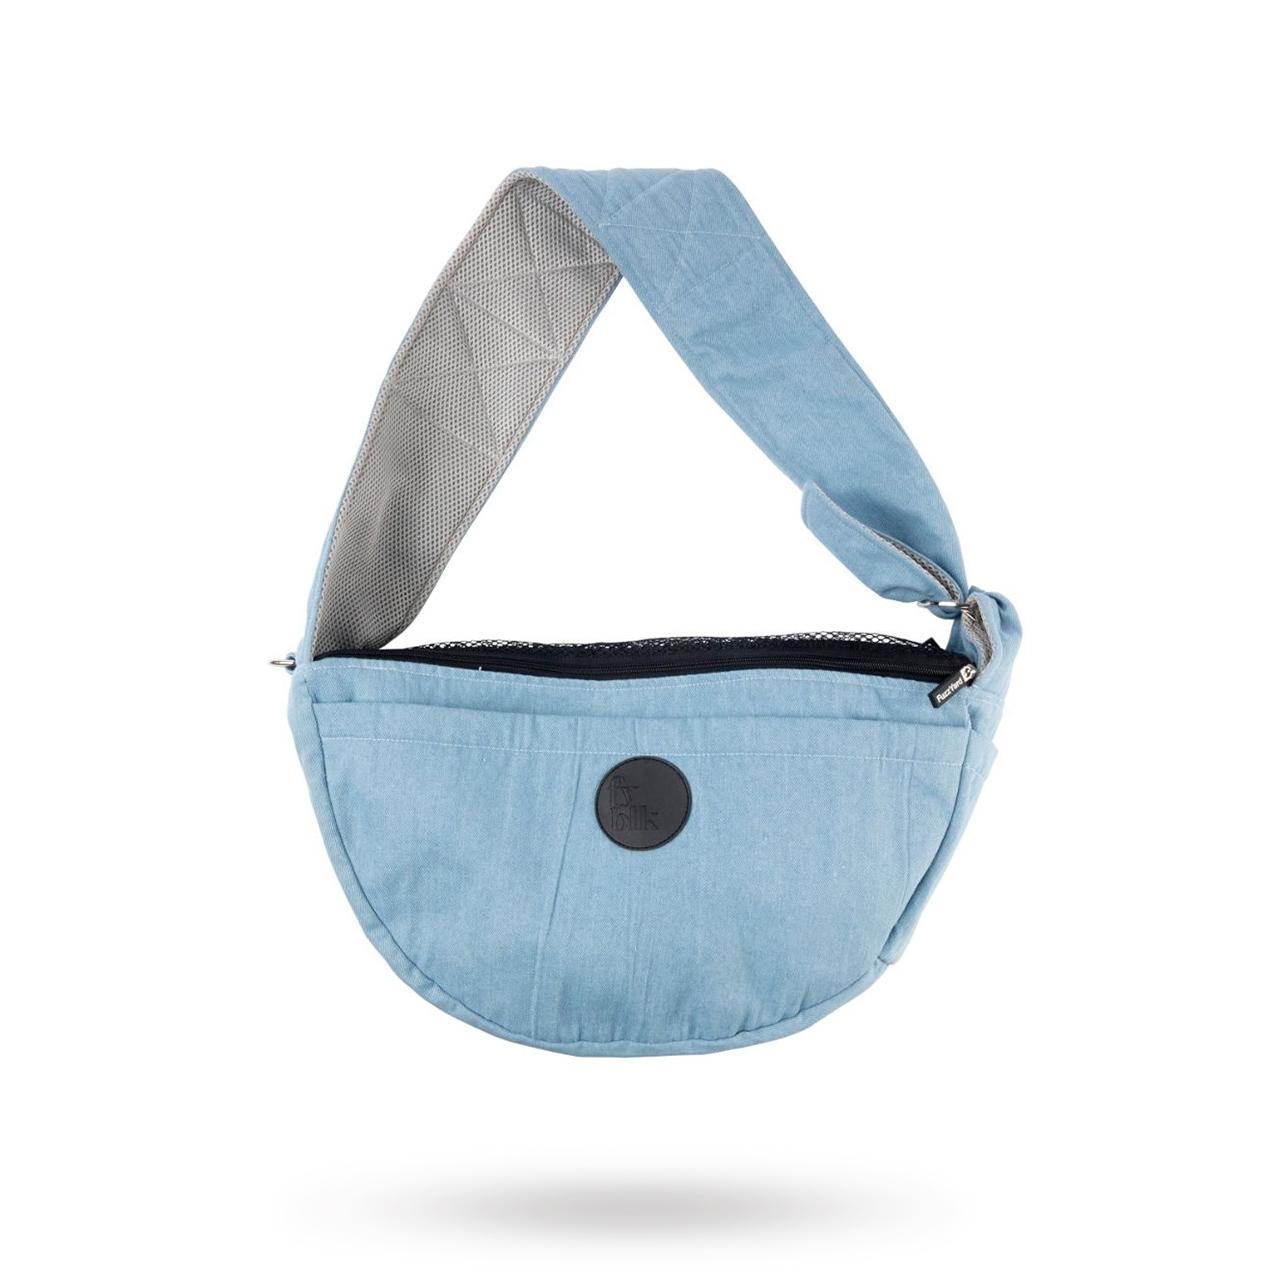 Carry Bag - Blå Hundväska